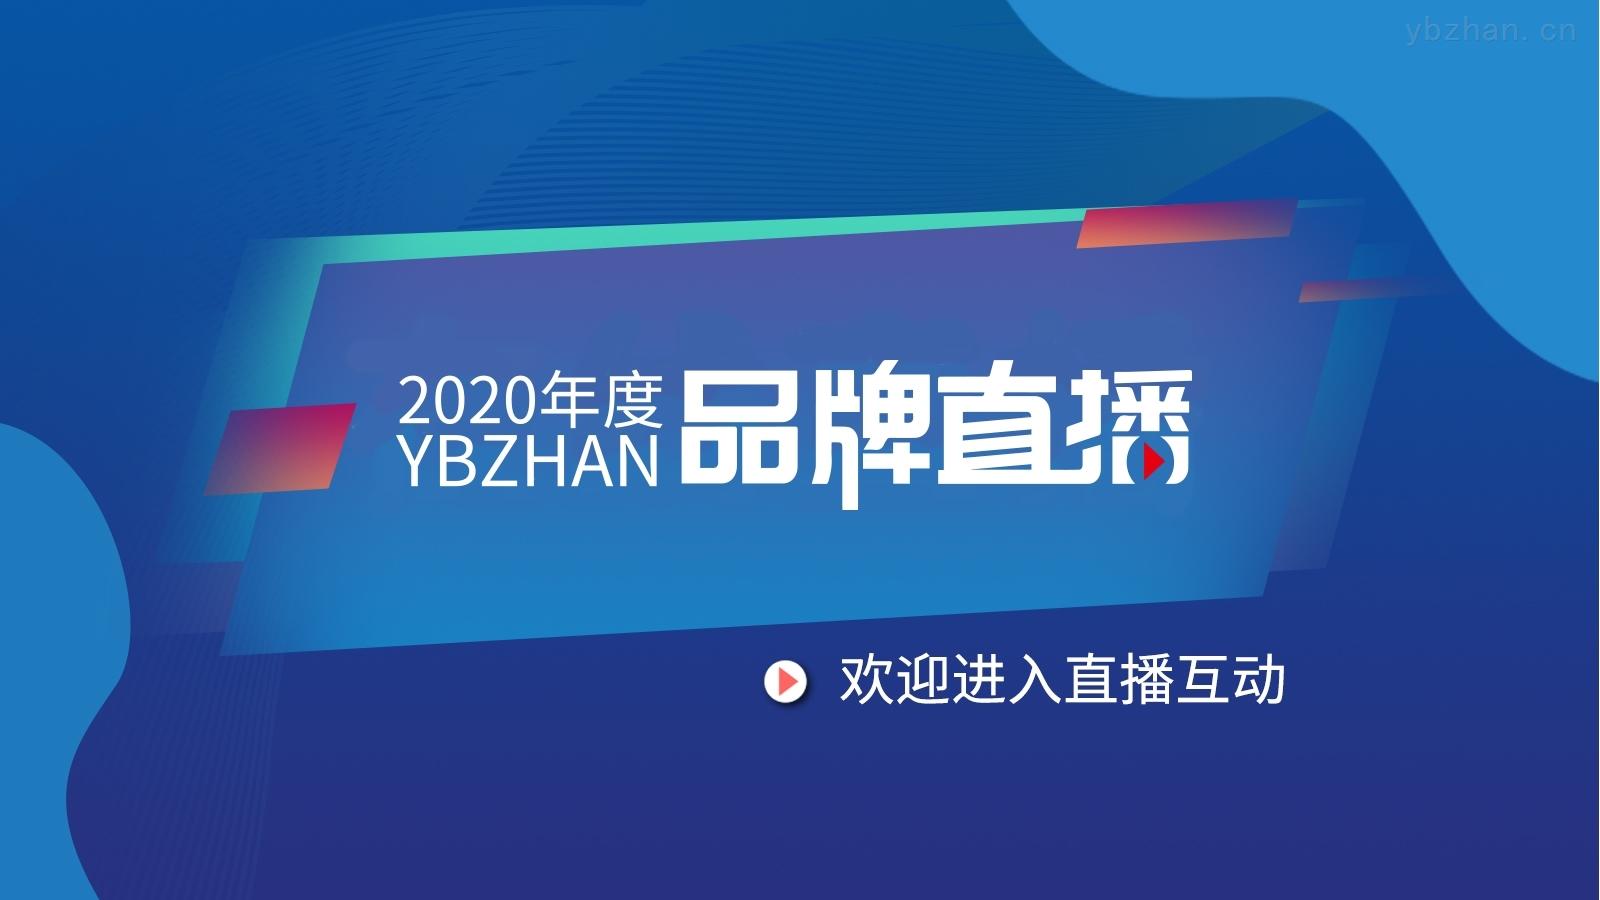 华恒betway手机客户端下载2020年度YBZHAN品牌直播